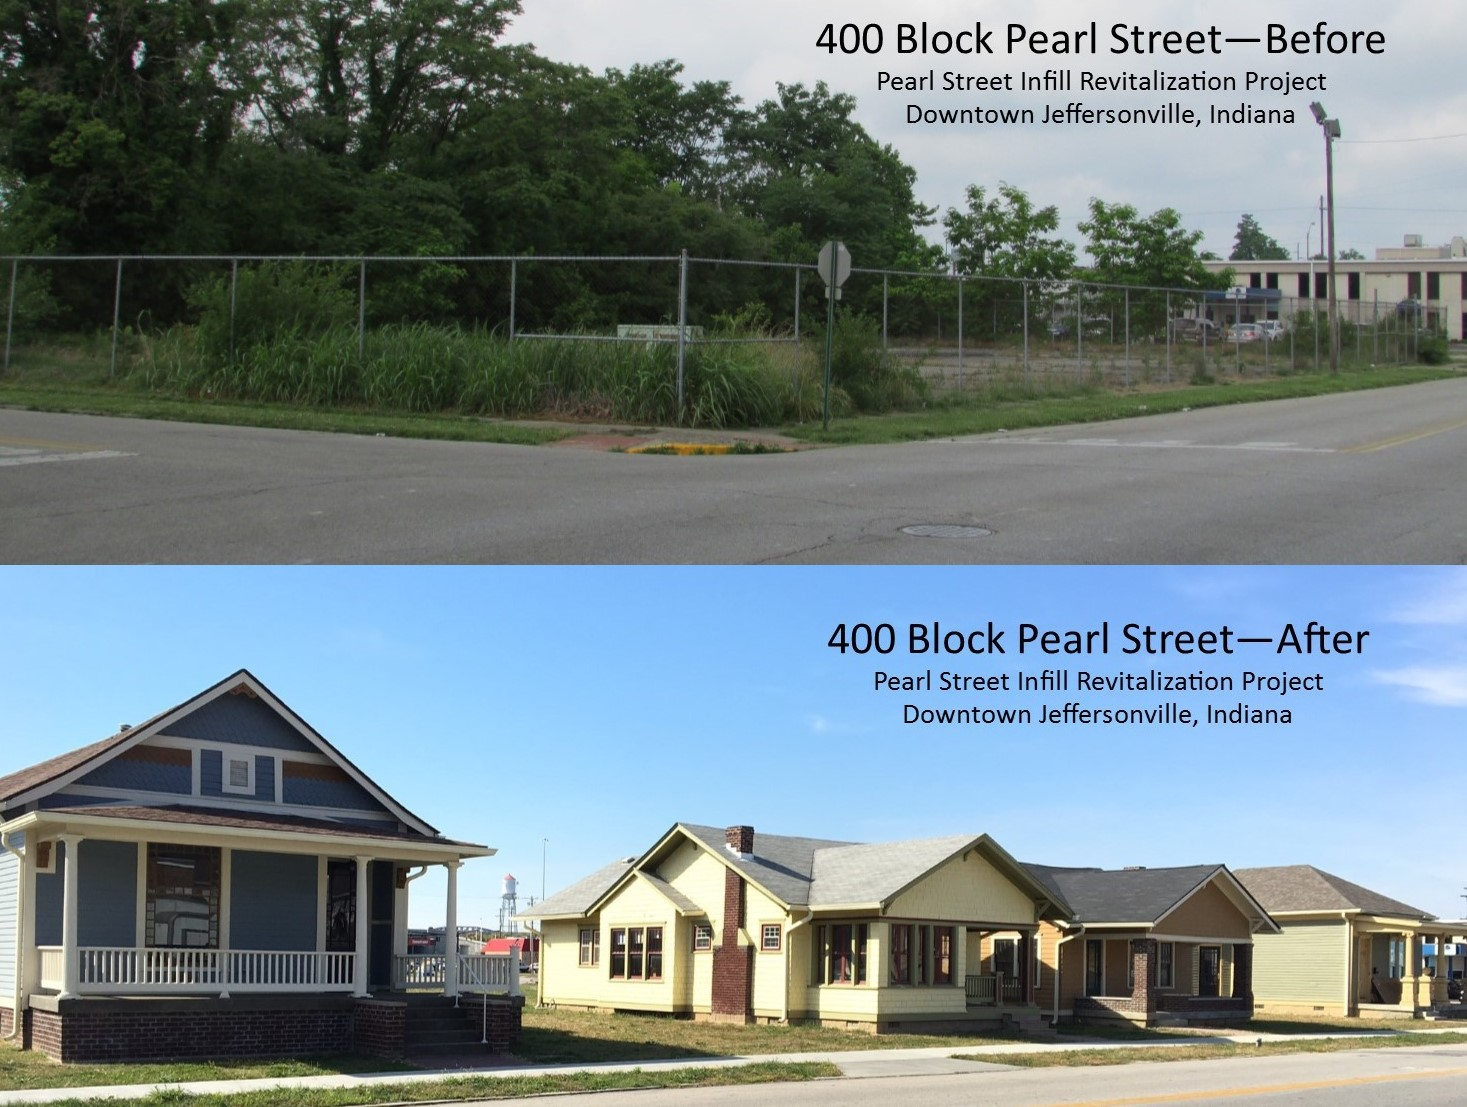 PEARL STREET INFILL